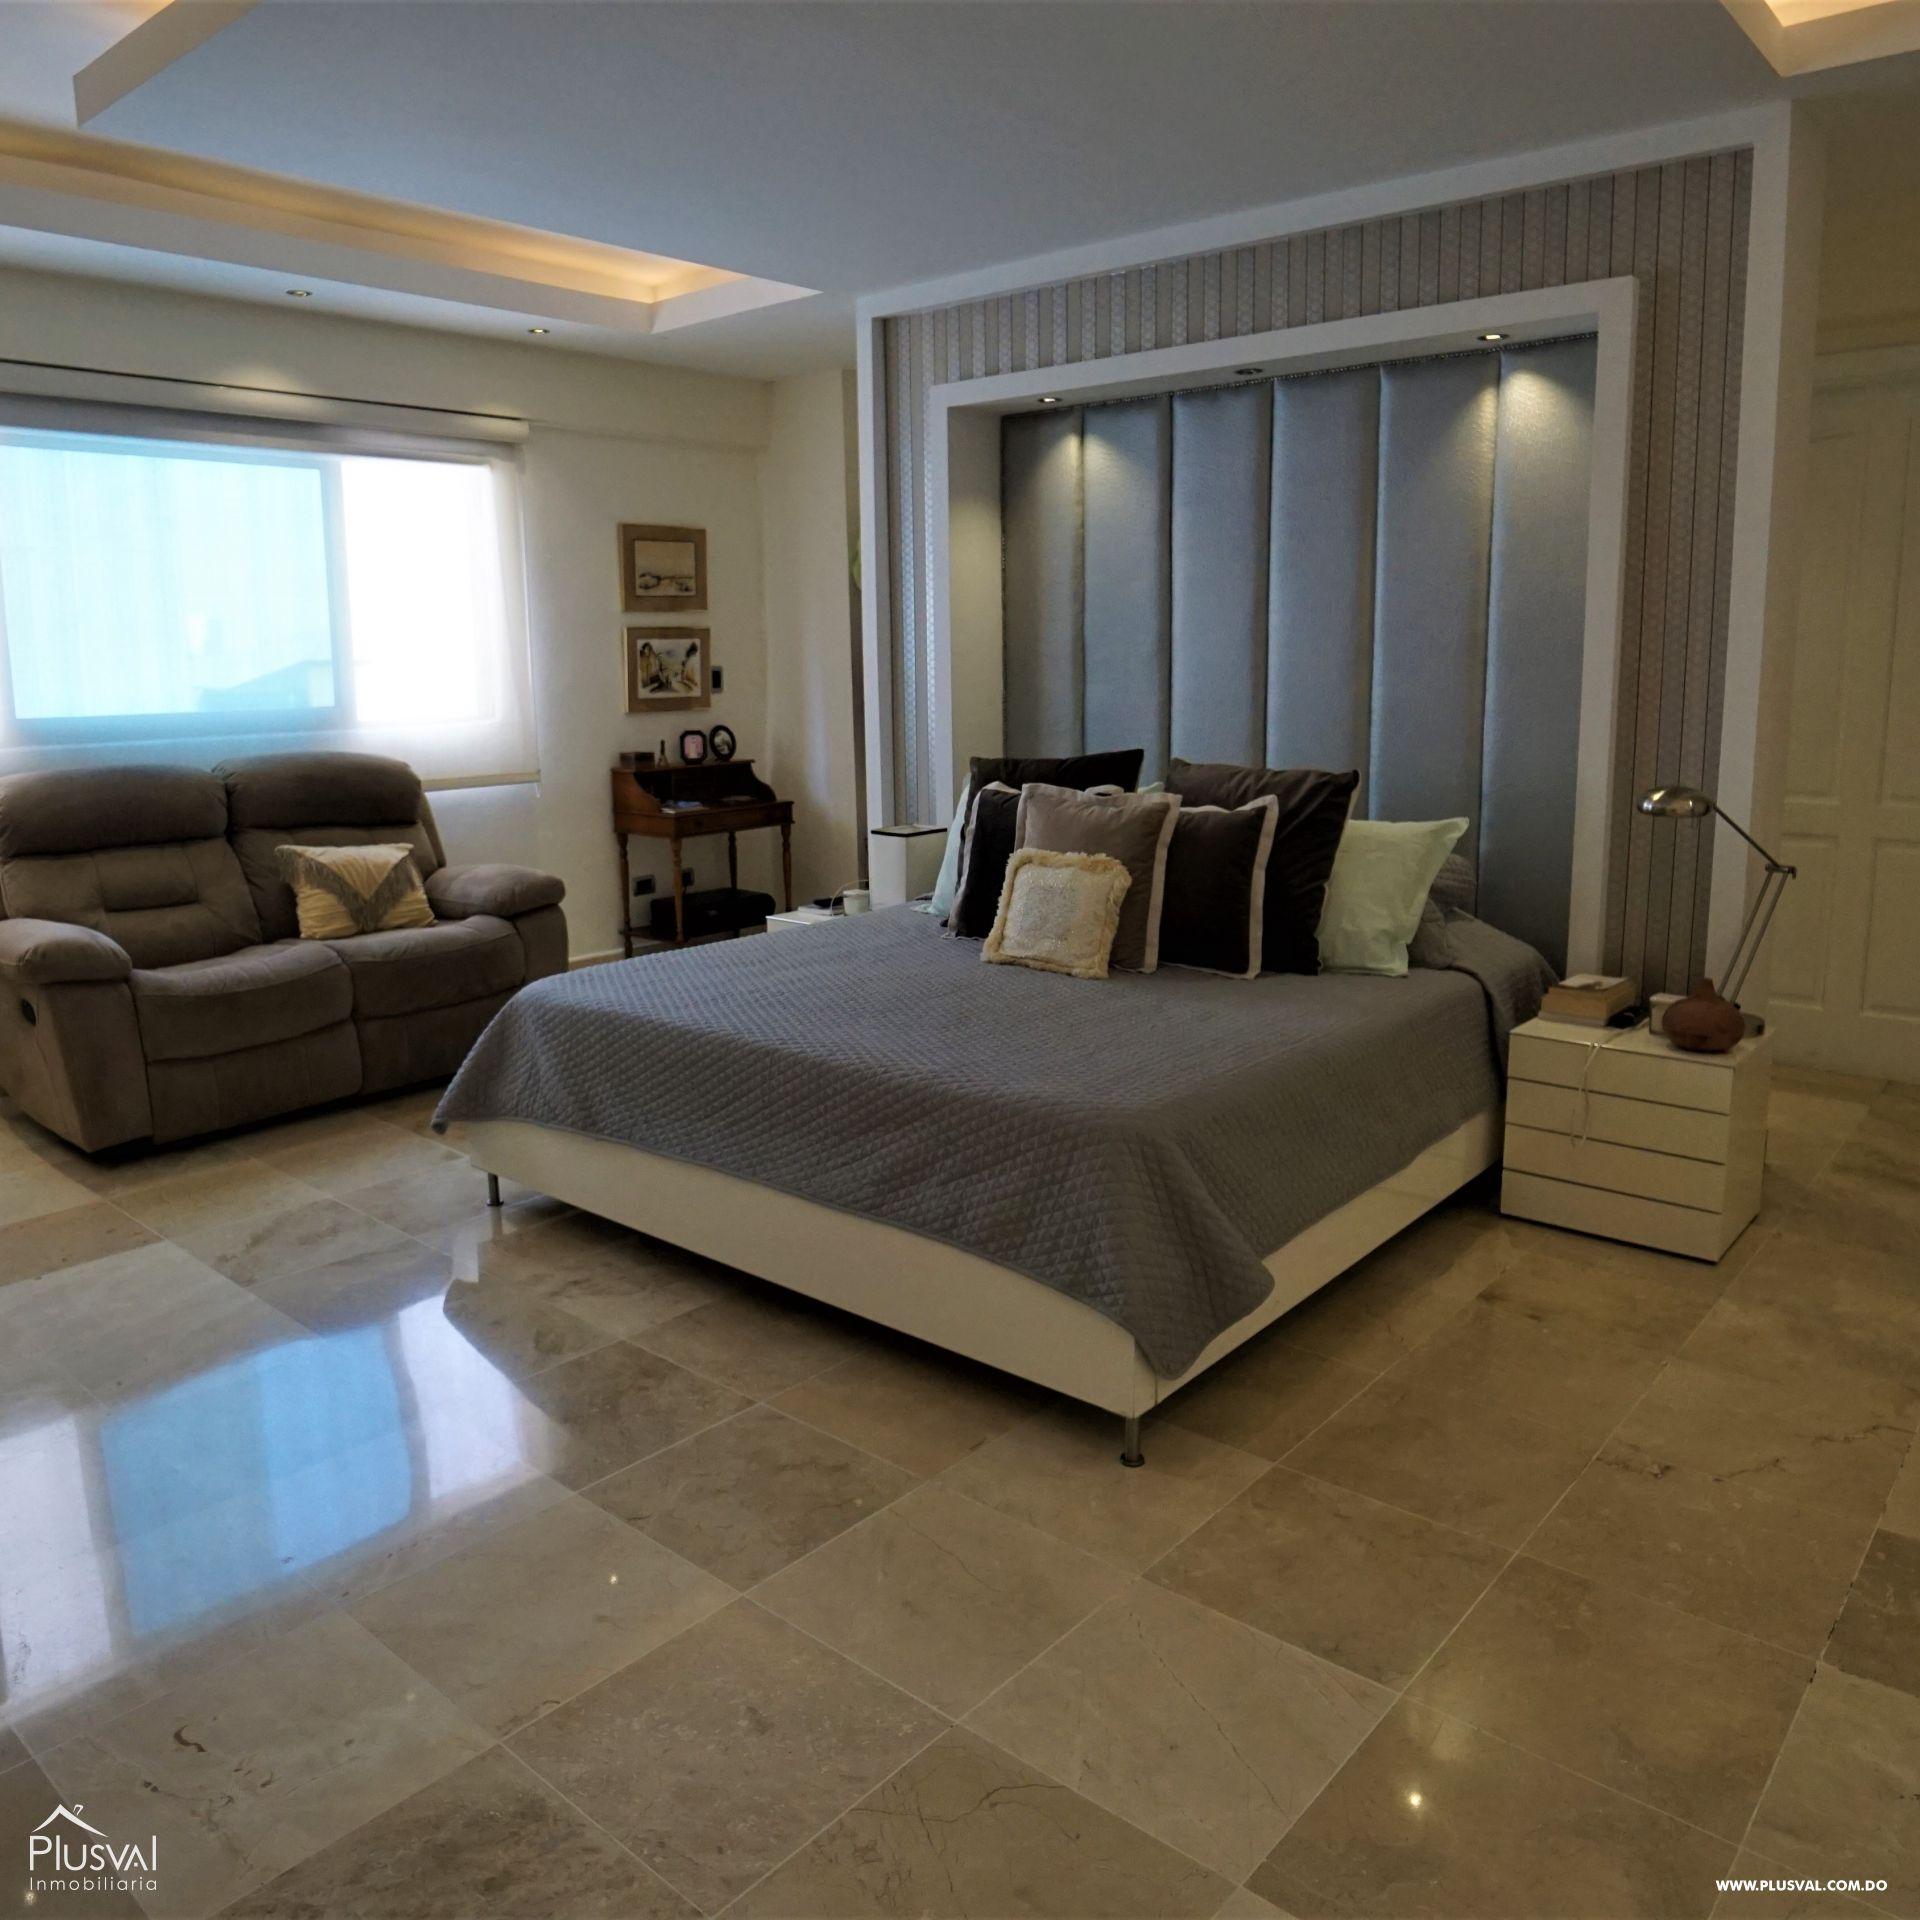 Lujoso apartamento en VENTA en Zona Residencial de NACO 182968